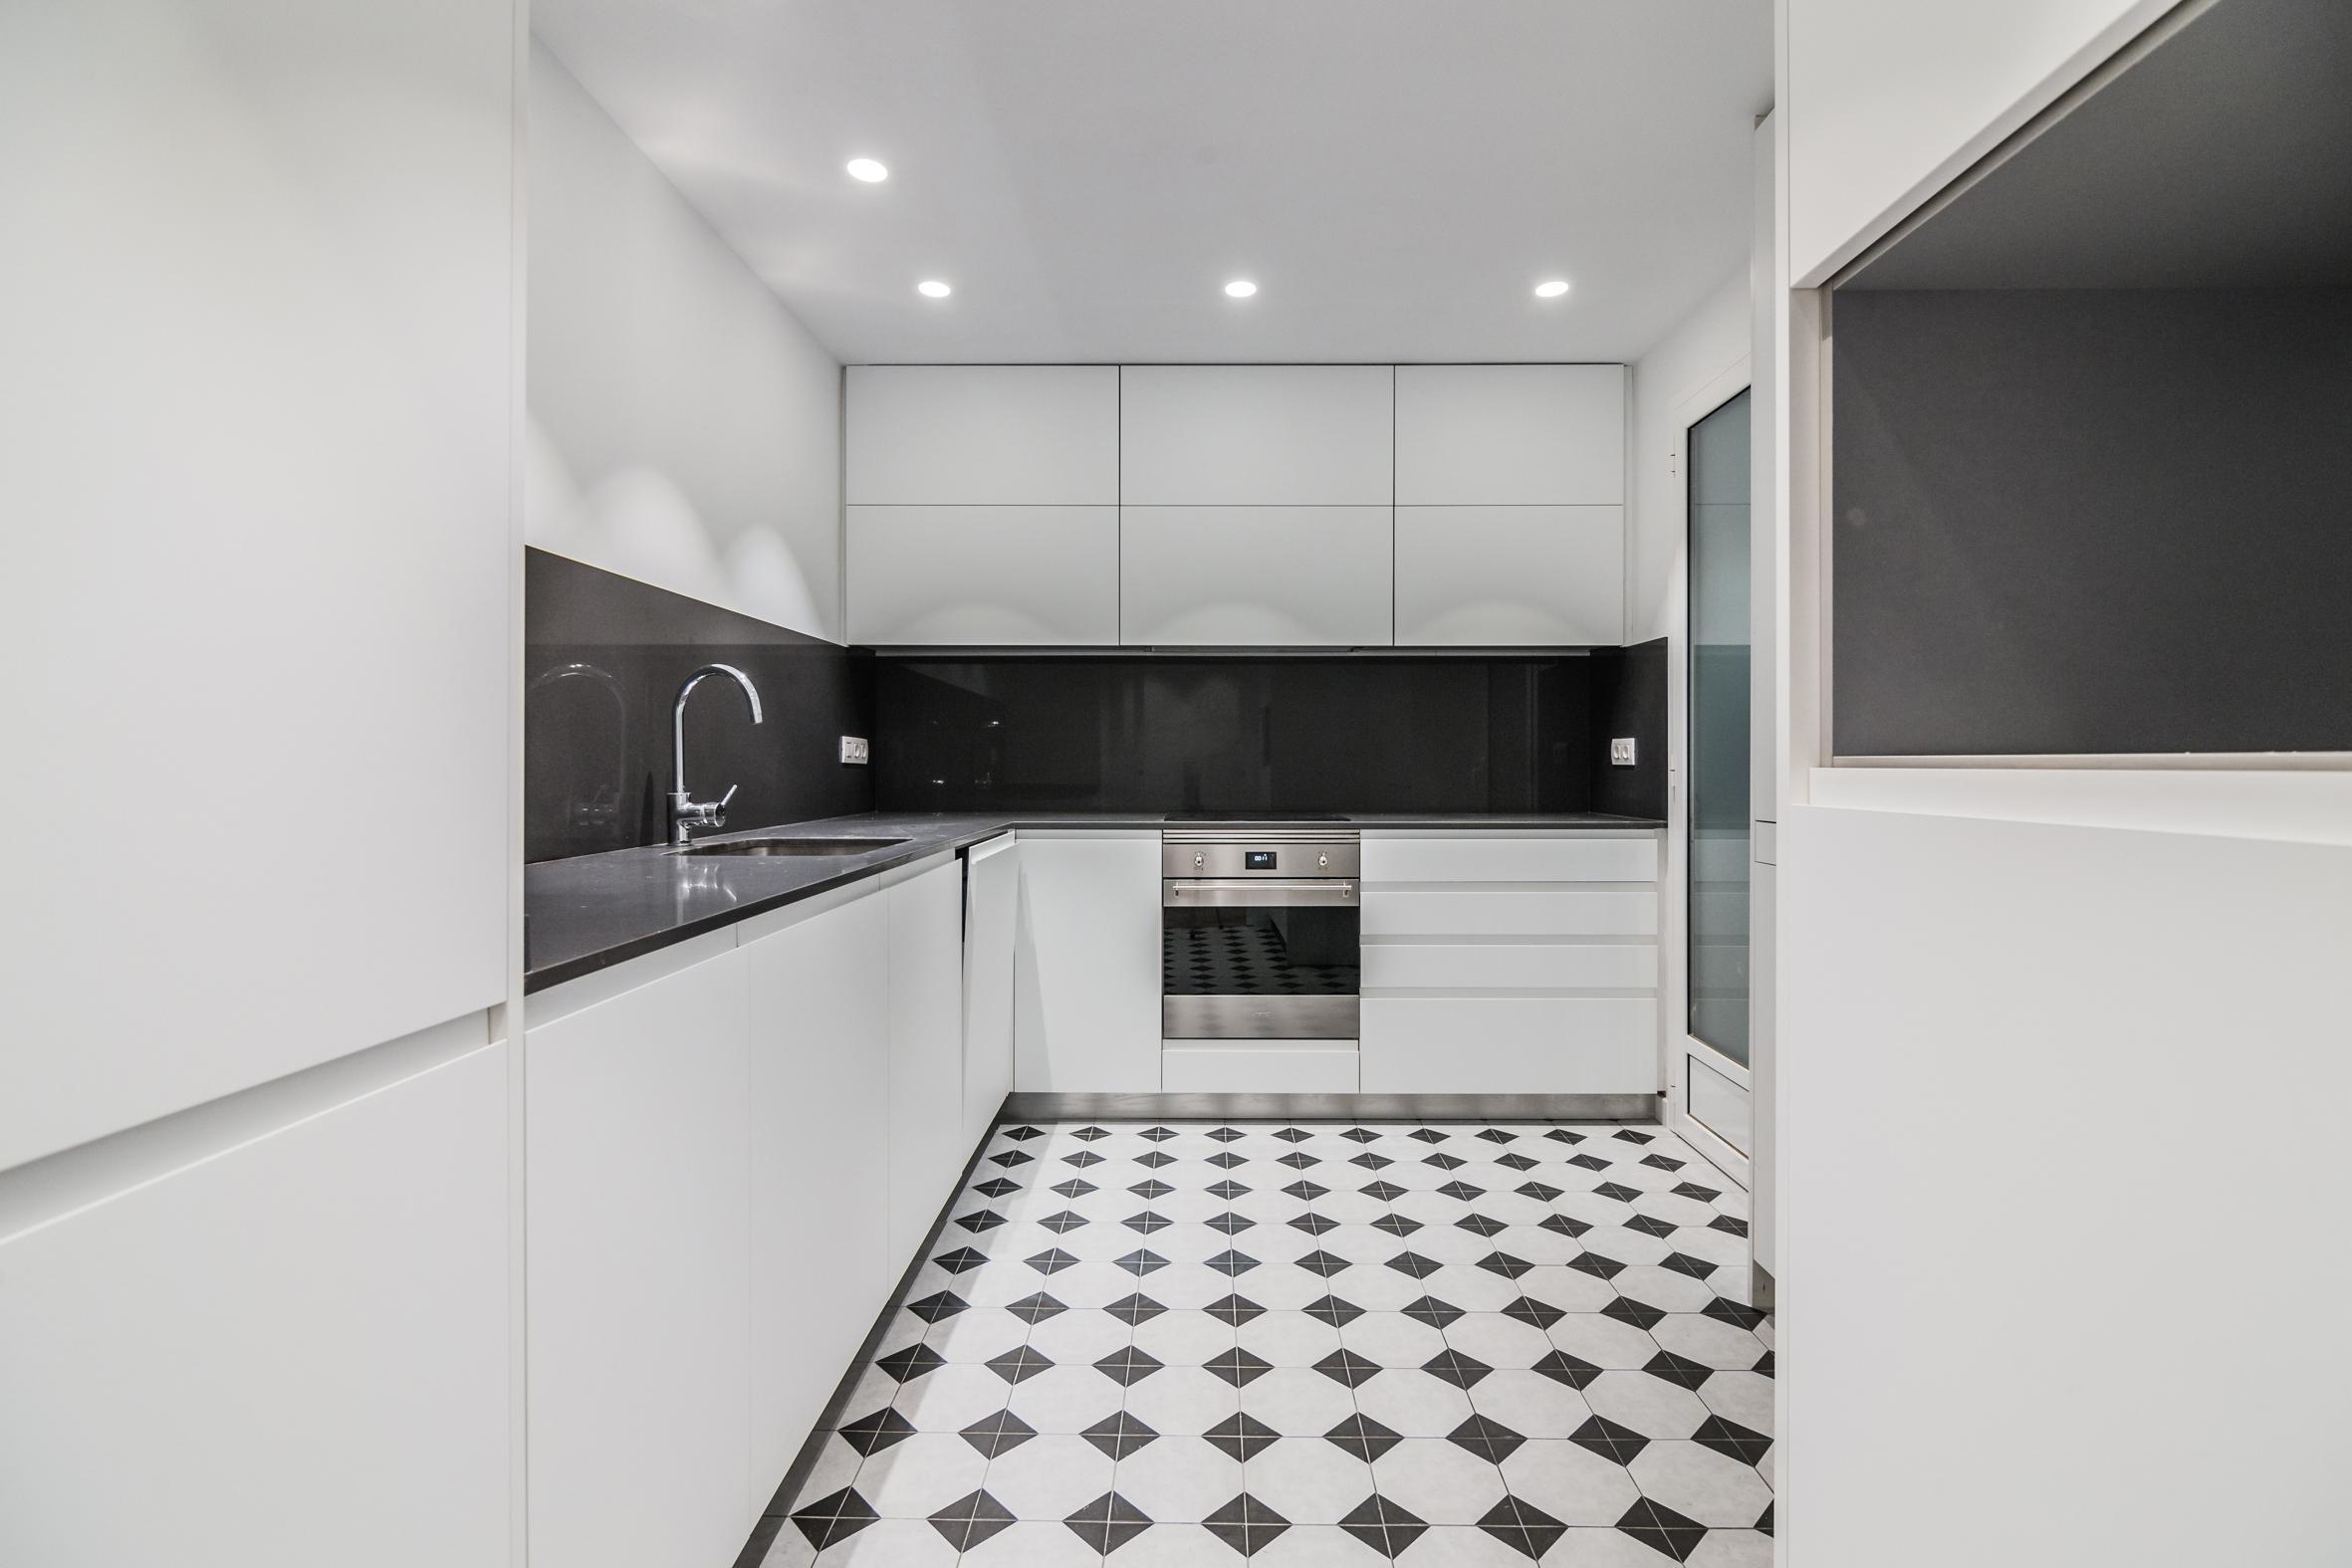 202959 Apartamento en venda en Sarrià-Sant Gervasi, St. Gervasi-Bonanova 19